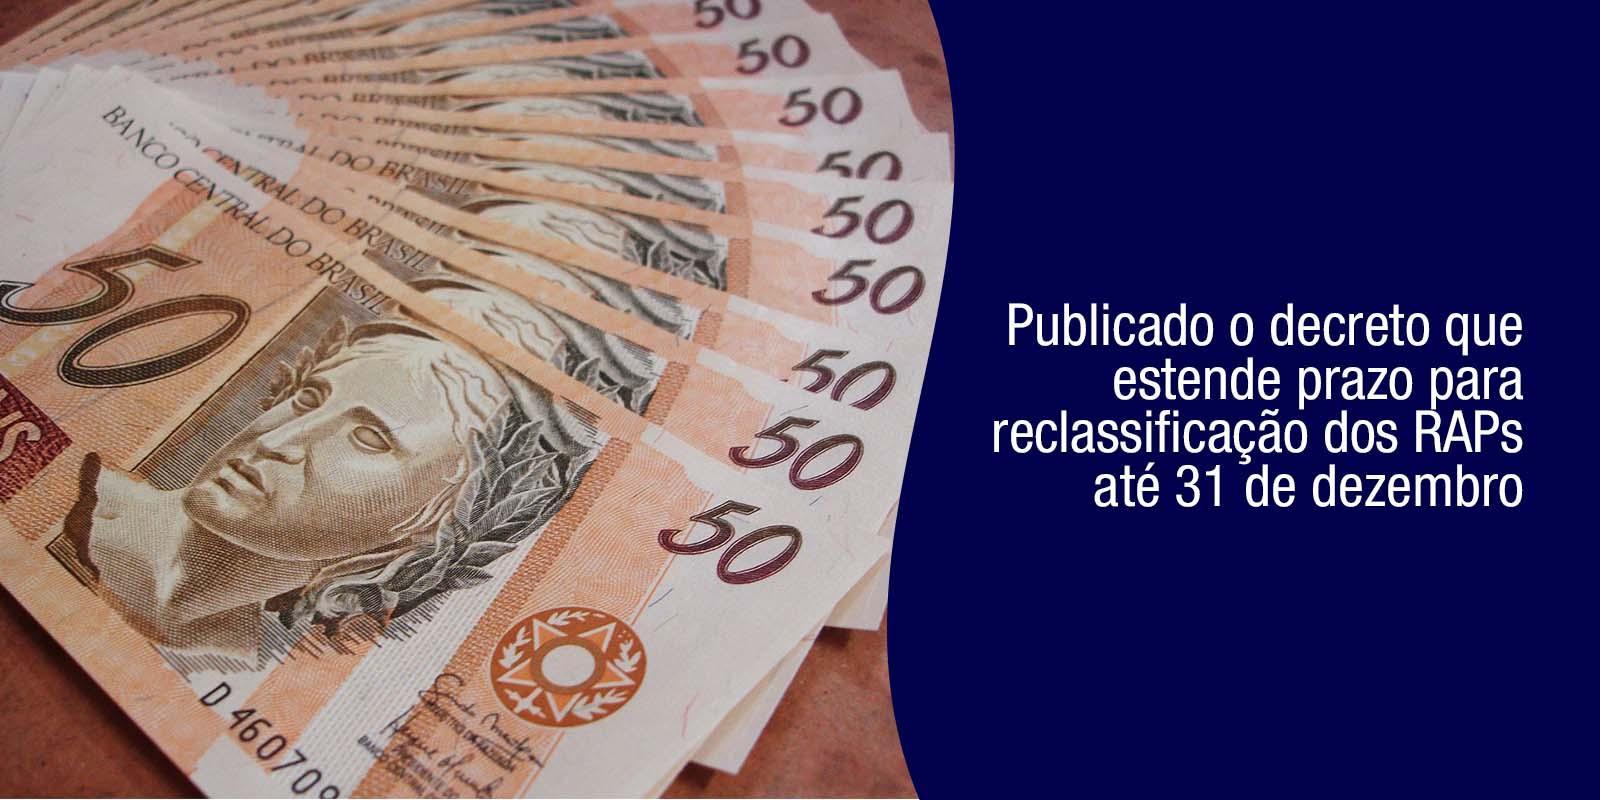 Publicado o decreto que estende prazo para reclassificação dos RAPs até 31 de dezembro